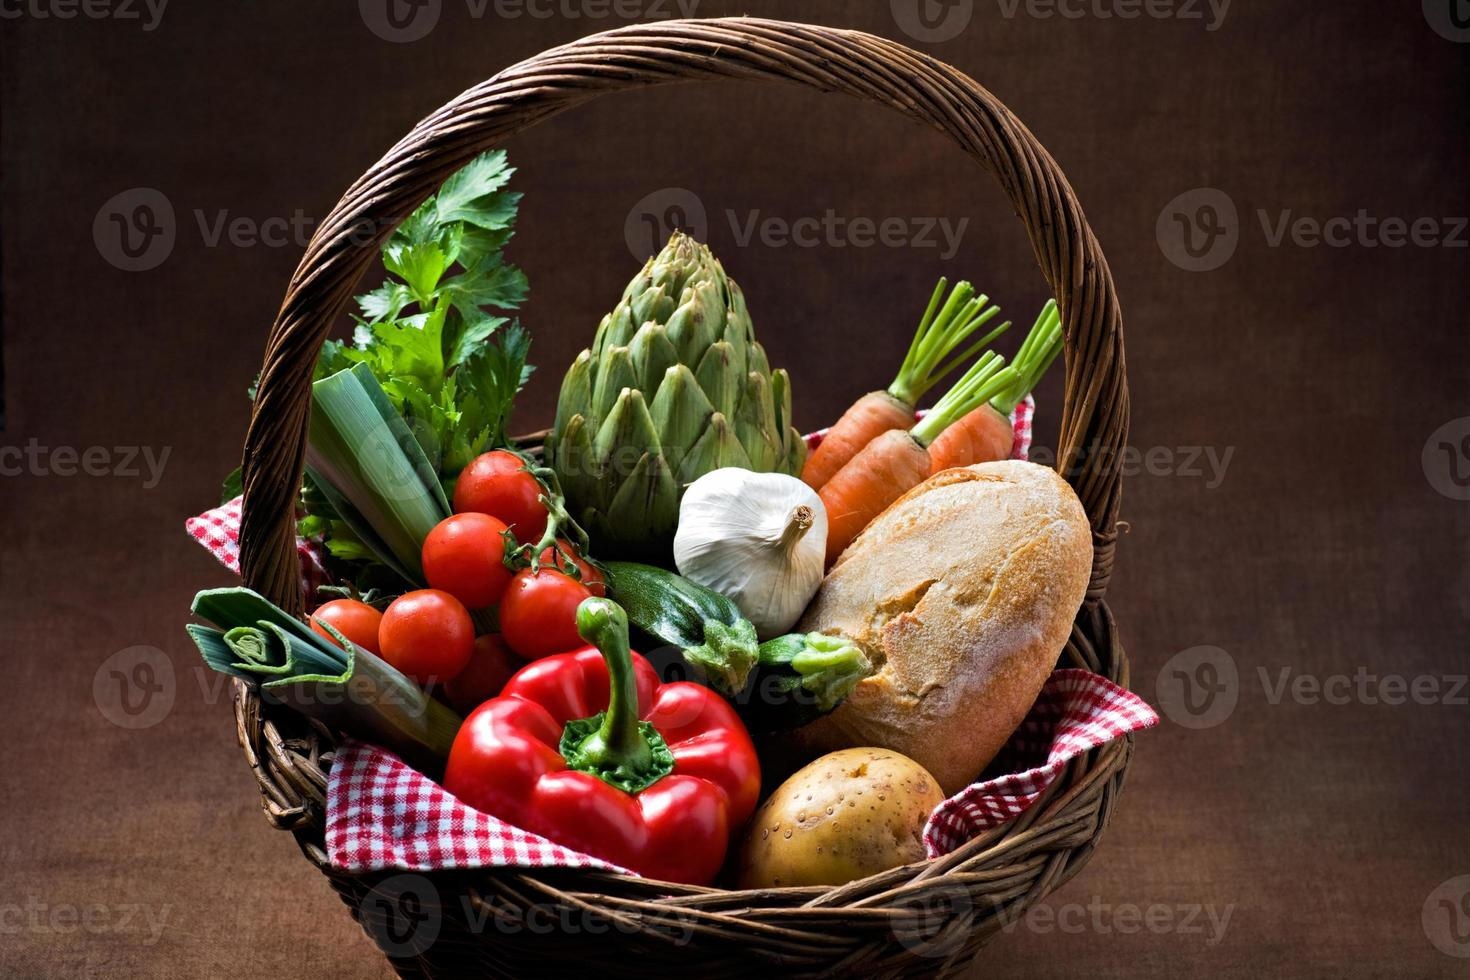 Gemüsekorb foto